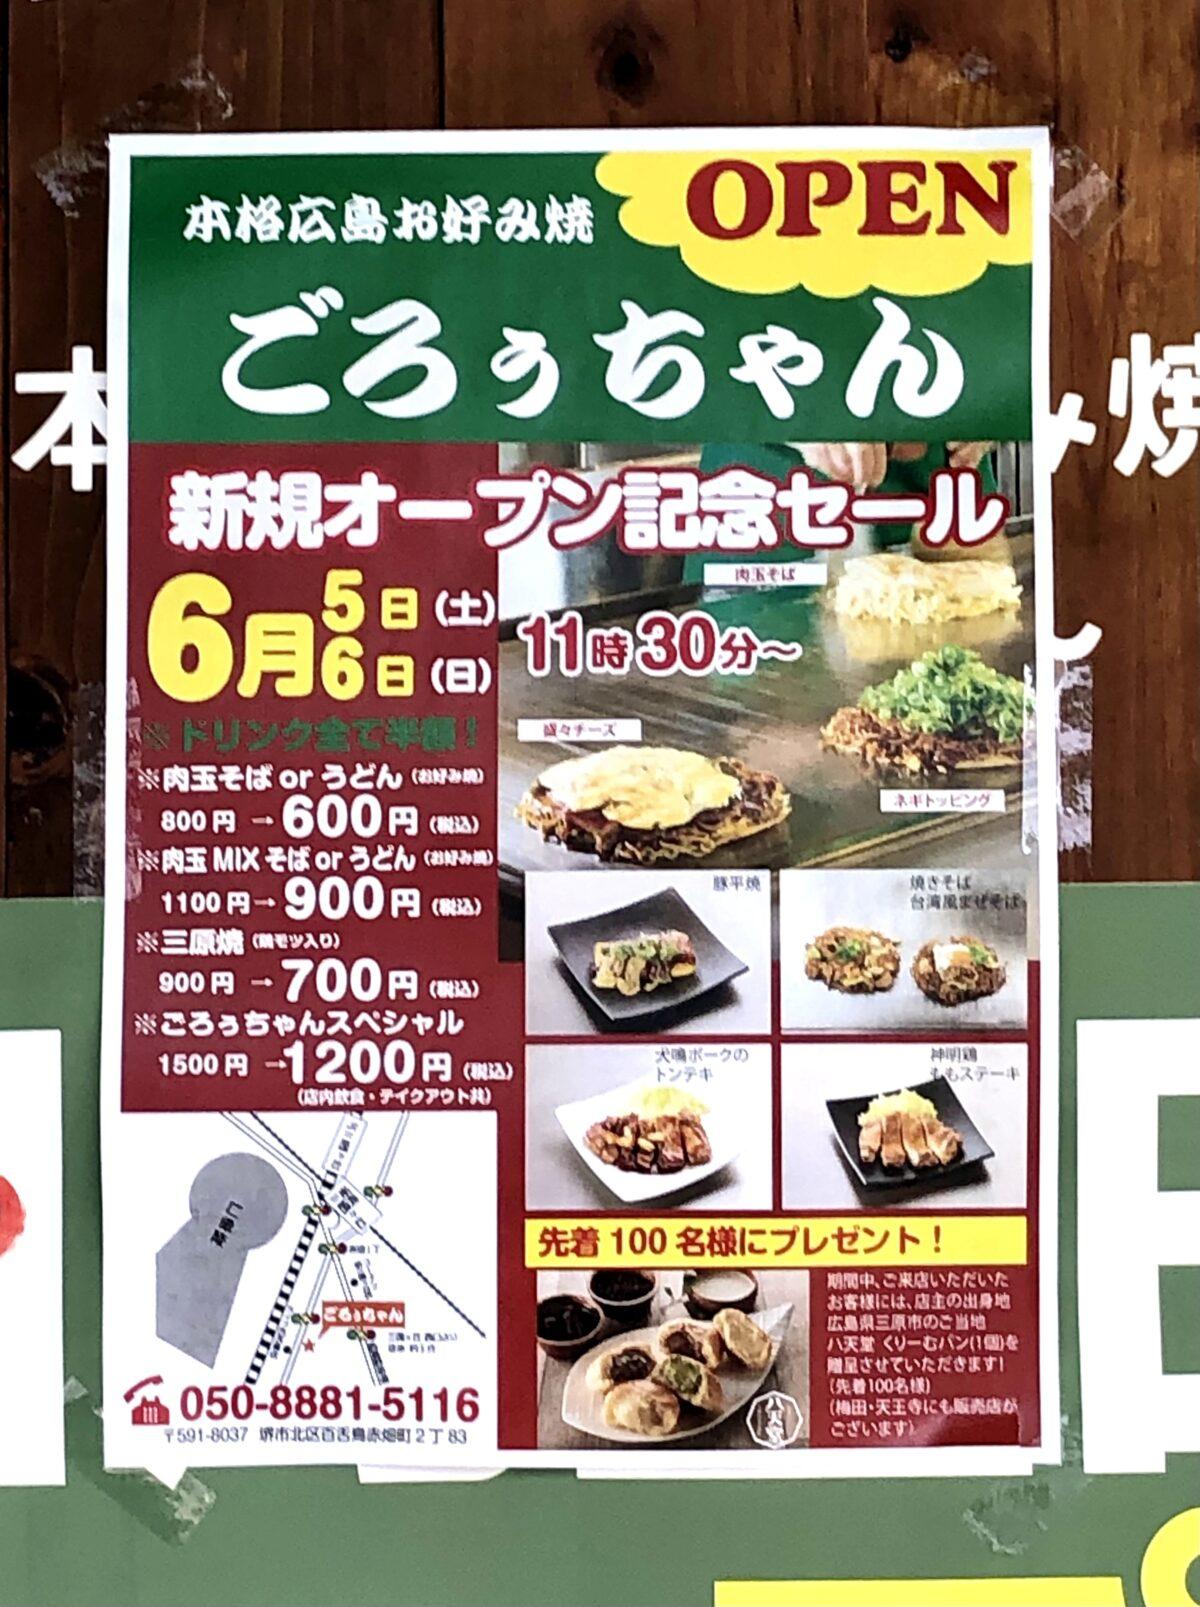 【オープン日判明!!】堺市北区・「ライフ百舌鳥店」の前にオープンする『本格広島お好み焼 ごろぅちゃん』オープンする日が分かったよ♫: